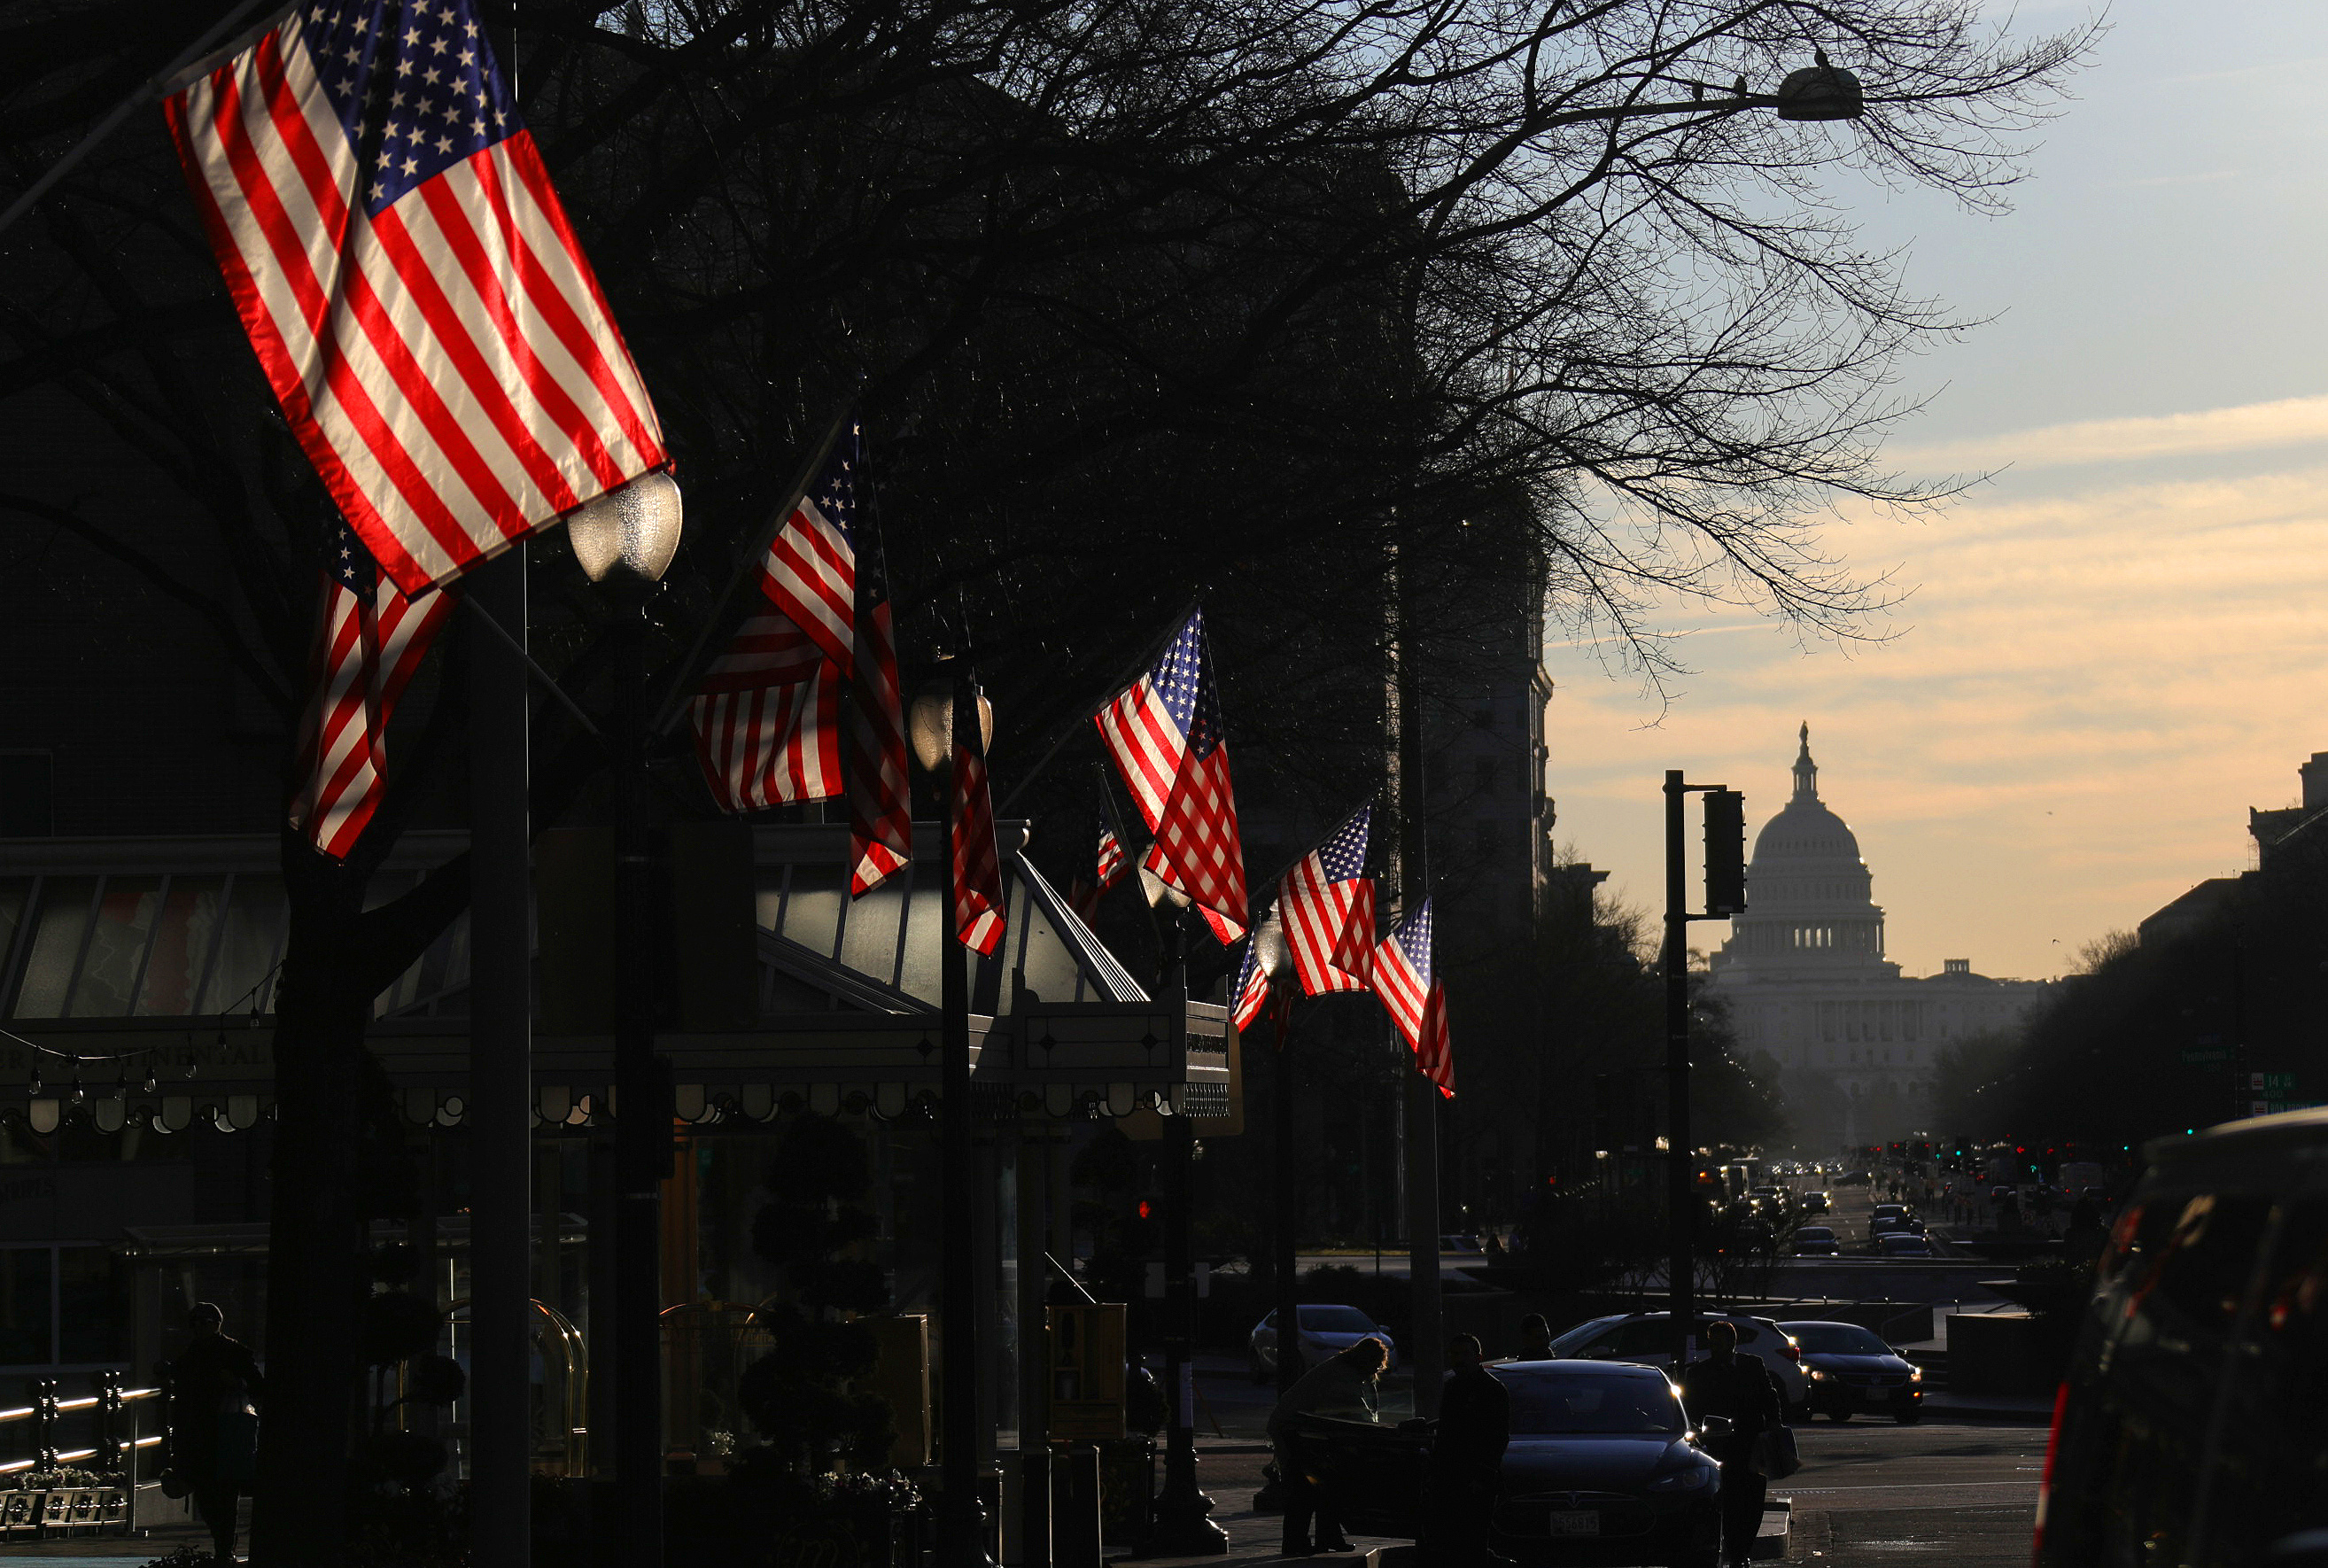 СМИ: Военная разведка США без решения суда скупает данные о передвижениях людей